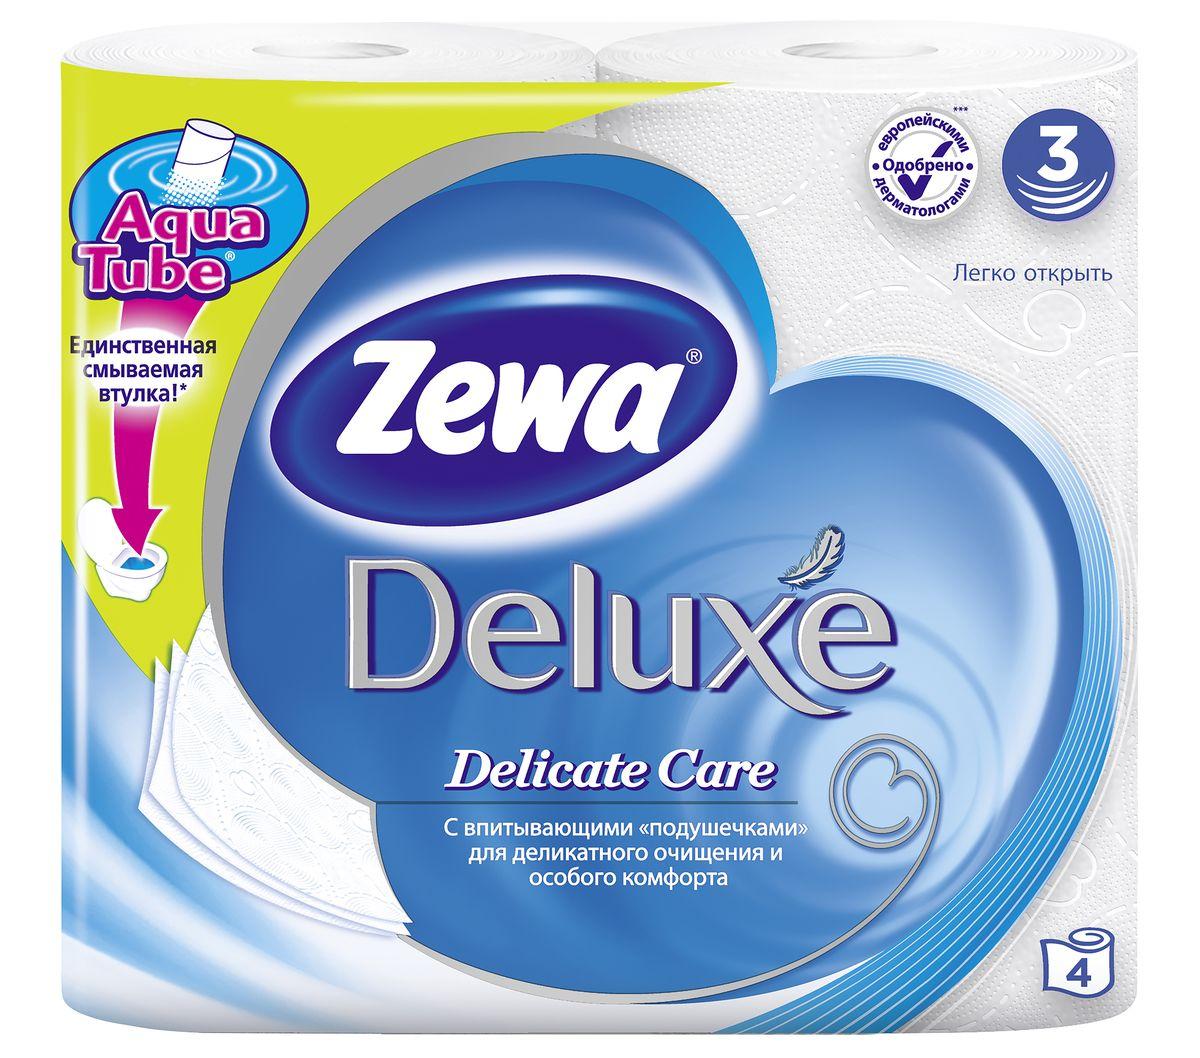 Туалетная бумага Zewa Deluxe Белая, 3 слоя, 4 рулона97526Подарите себе удовольствие от ежедневного ухода за собой. Zewa Deluxe сновыми впитывающими подушечками деликатно очищает и нежно заботится о вашей коже.Мягкость, Забота, Комфорт – вашей коже это понравится! Сенсация! Со смываемой втулкой Aqua Tube! Белая 3-х слойная туалетная бумага без аромата 4 рулона в упаковке Состав: целлюлоза Производство: Россия